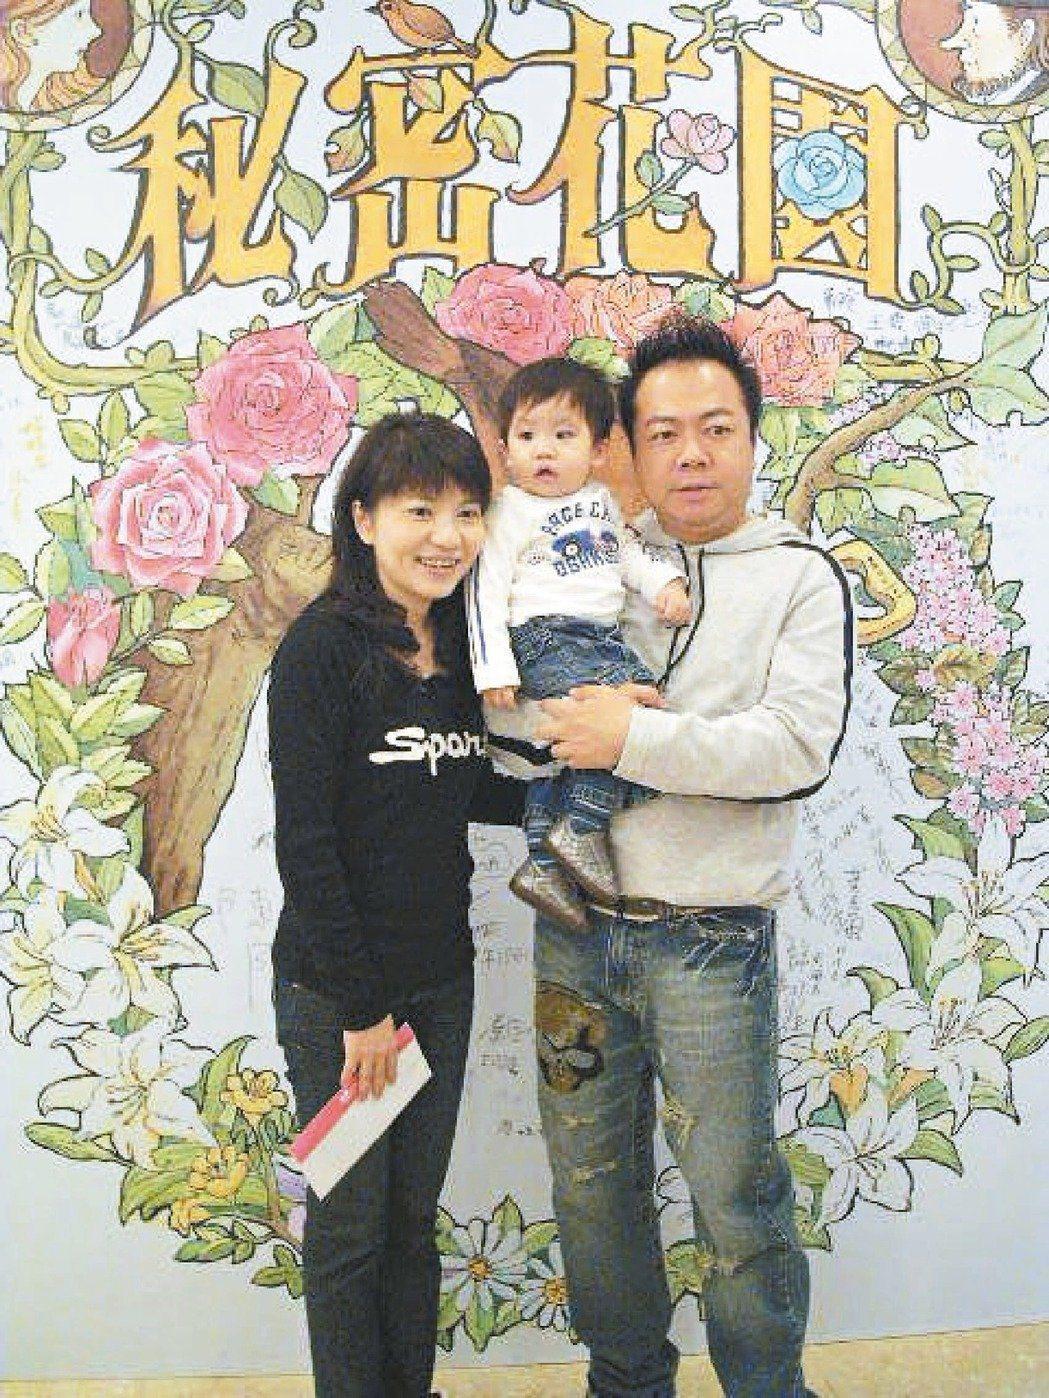 董至成和羅若云花了近3百萬才做出兒子,這對兩人意義重大。本報資料照